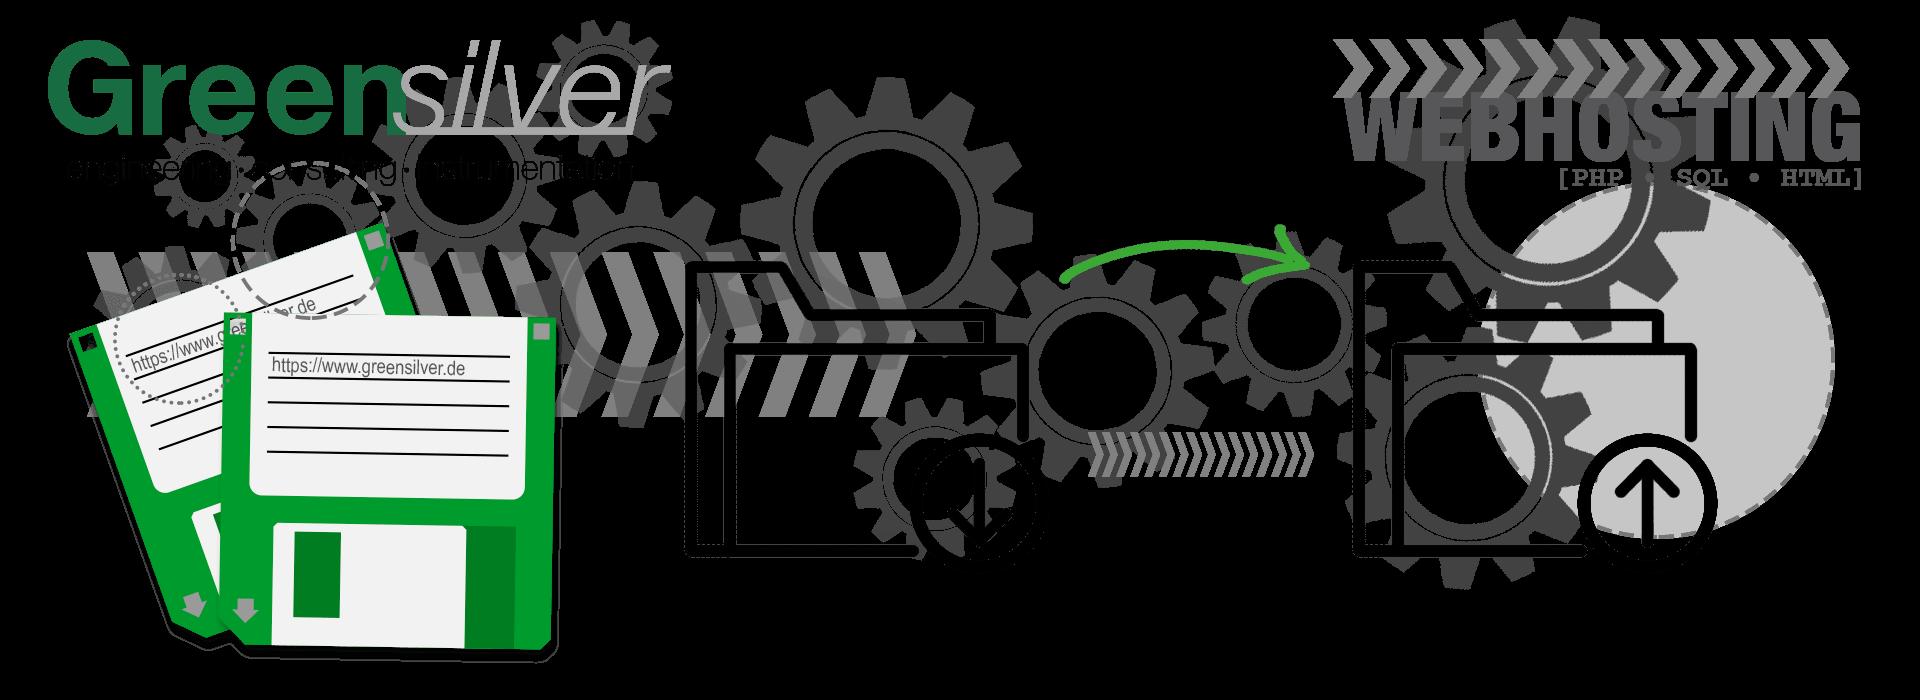 Hostinguebernahme-greensilver-germany-argon-puryfier-webhosting